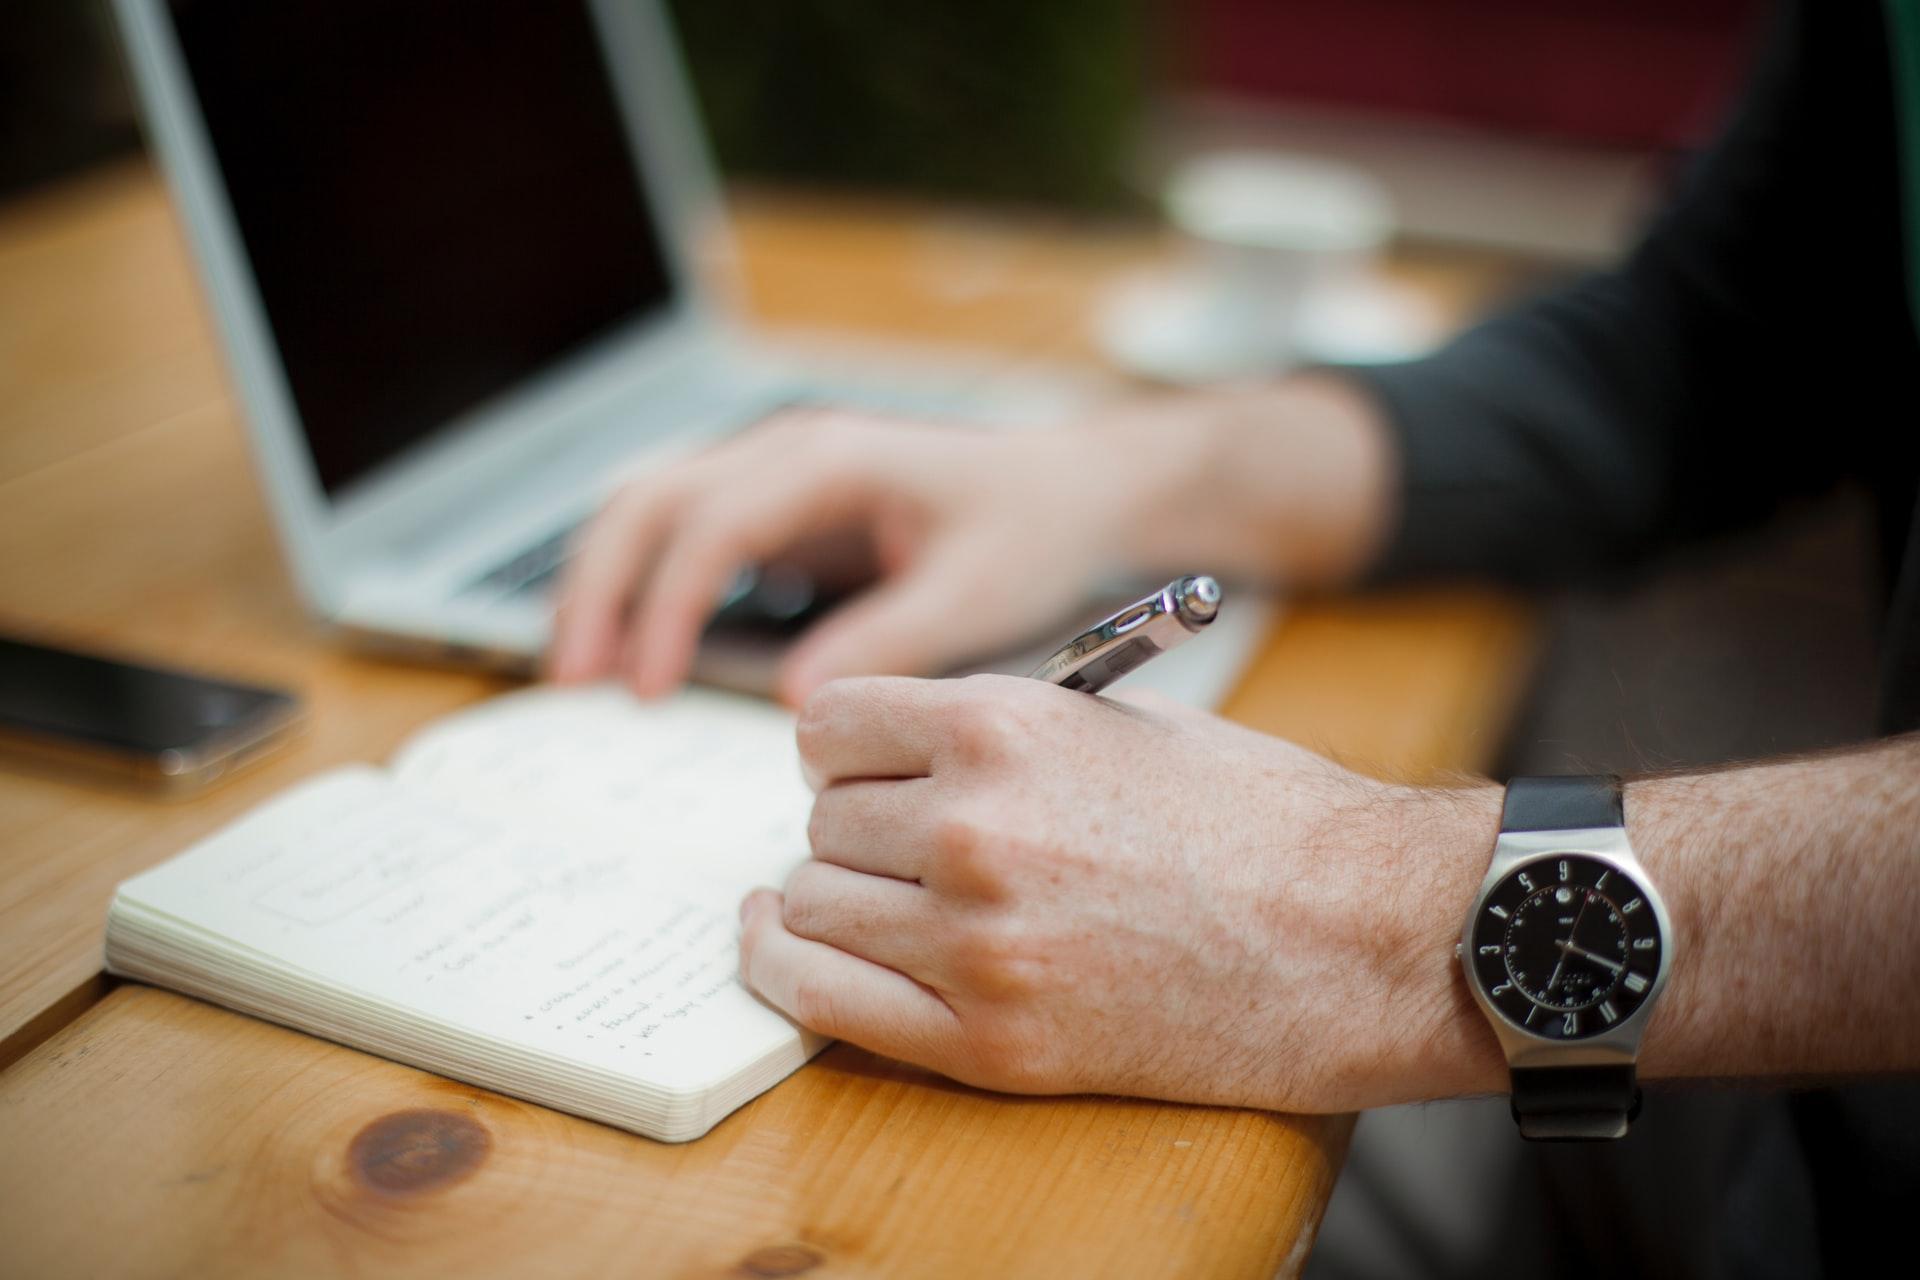 Homem escrevendo com relógio no pulso.